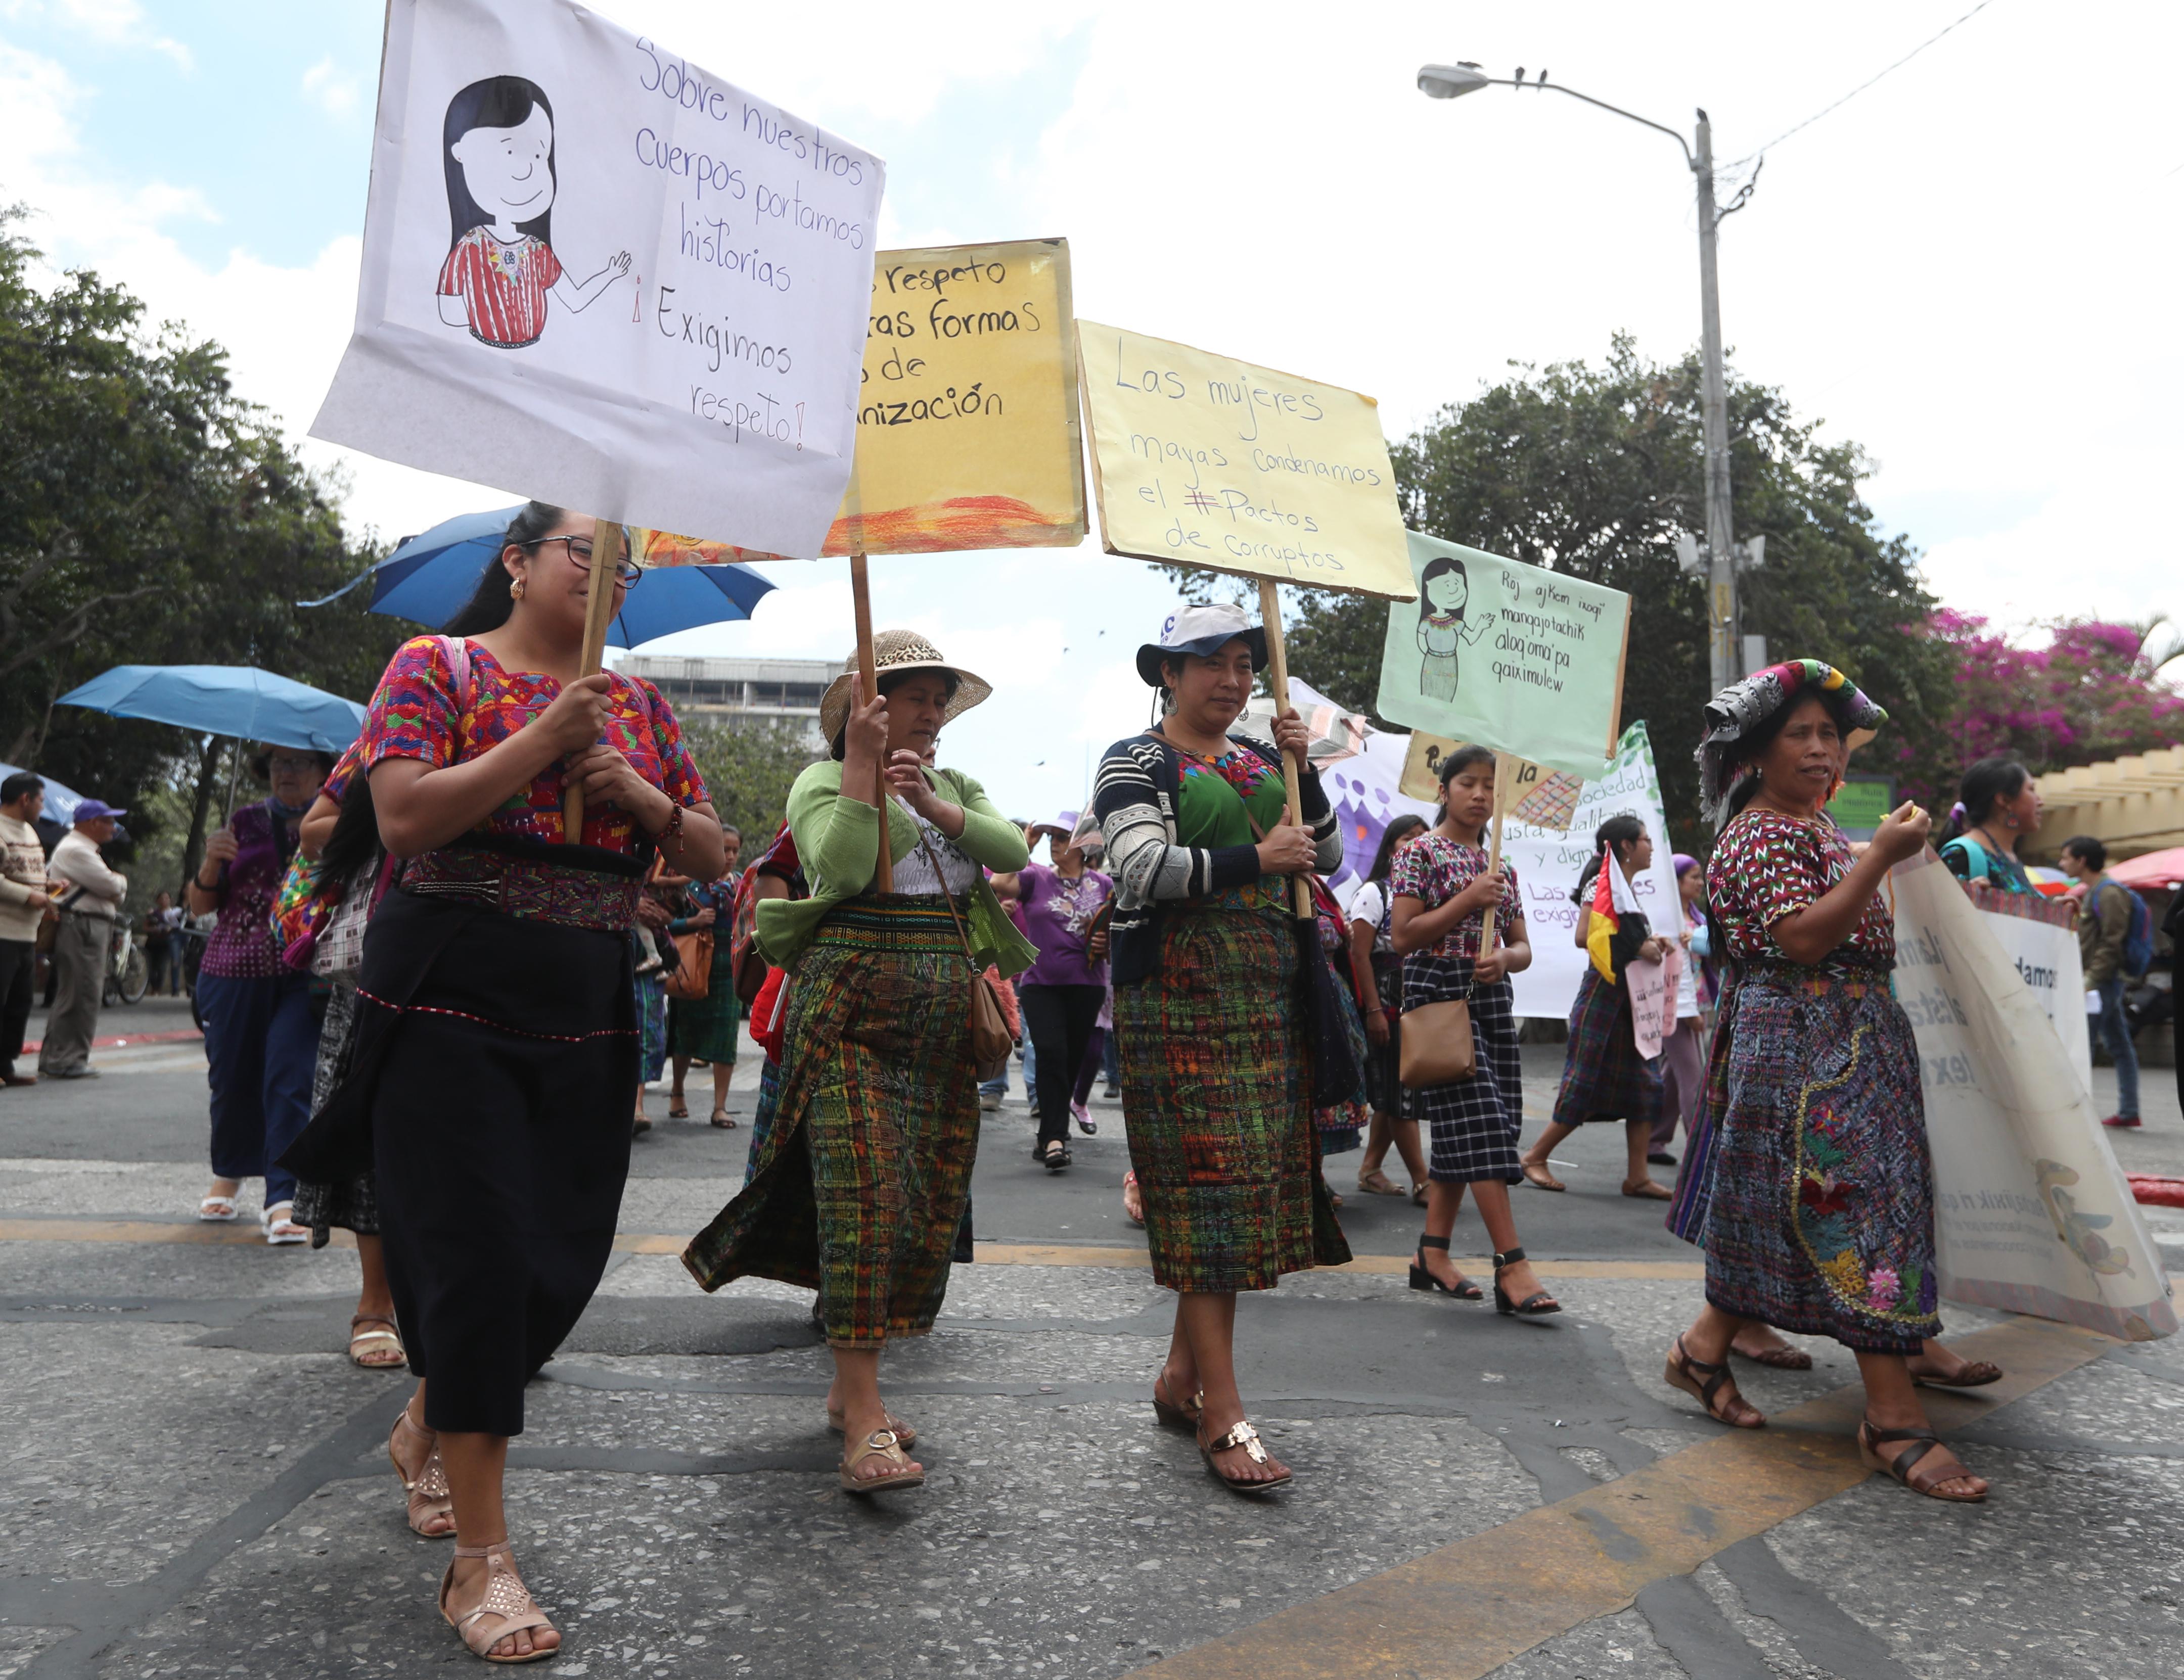 Varios sectores de la sociedad fueron representados durante la marcha. (Foto Prensa Libre: Óscar Rivas)